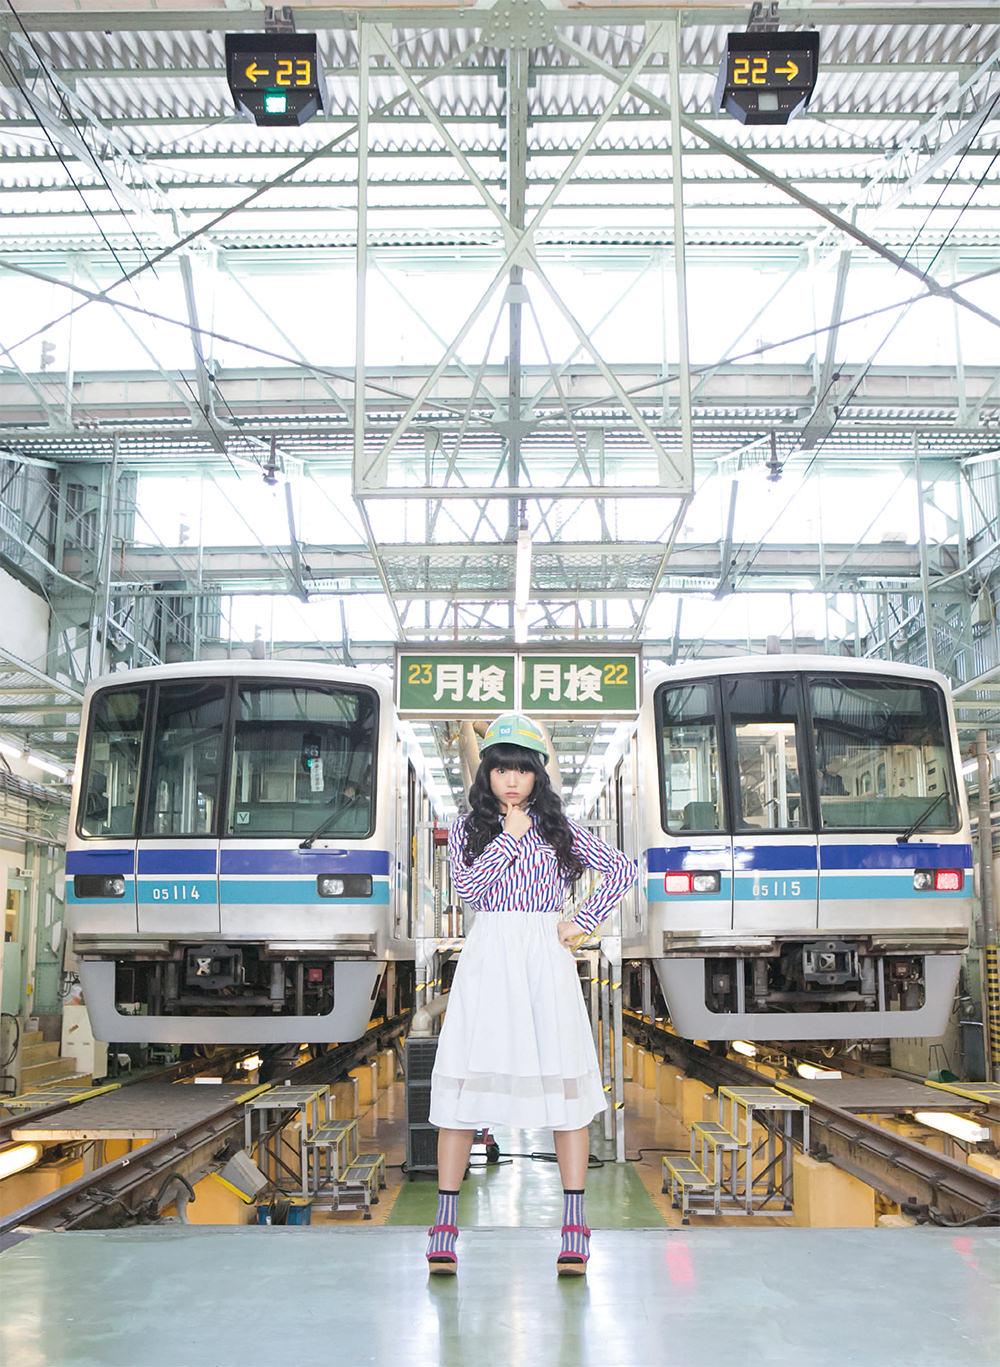 Hirota Aika 廣田あいか Shiritsu Ebisu Chugaku, Tokyo Metro (Booklista) Gravure